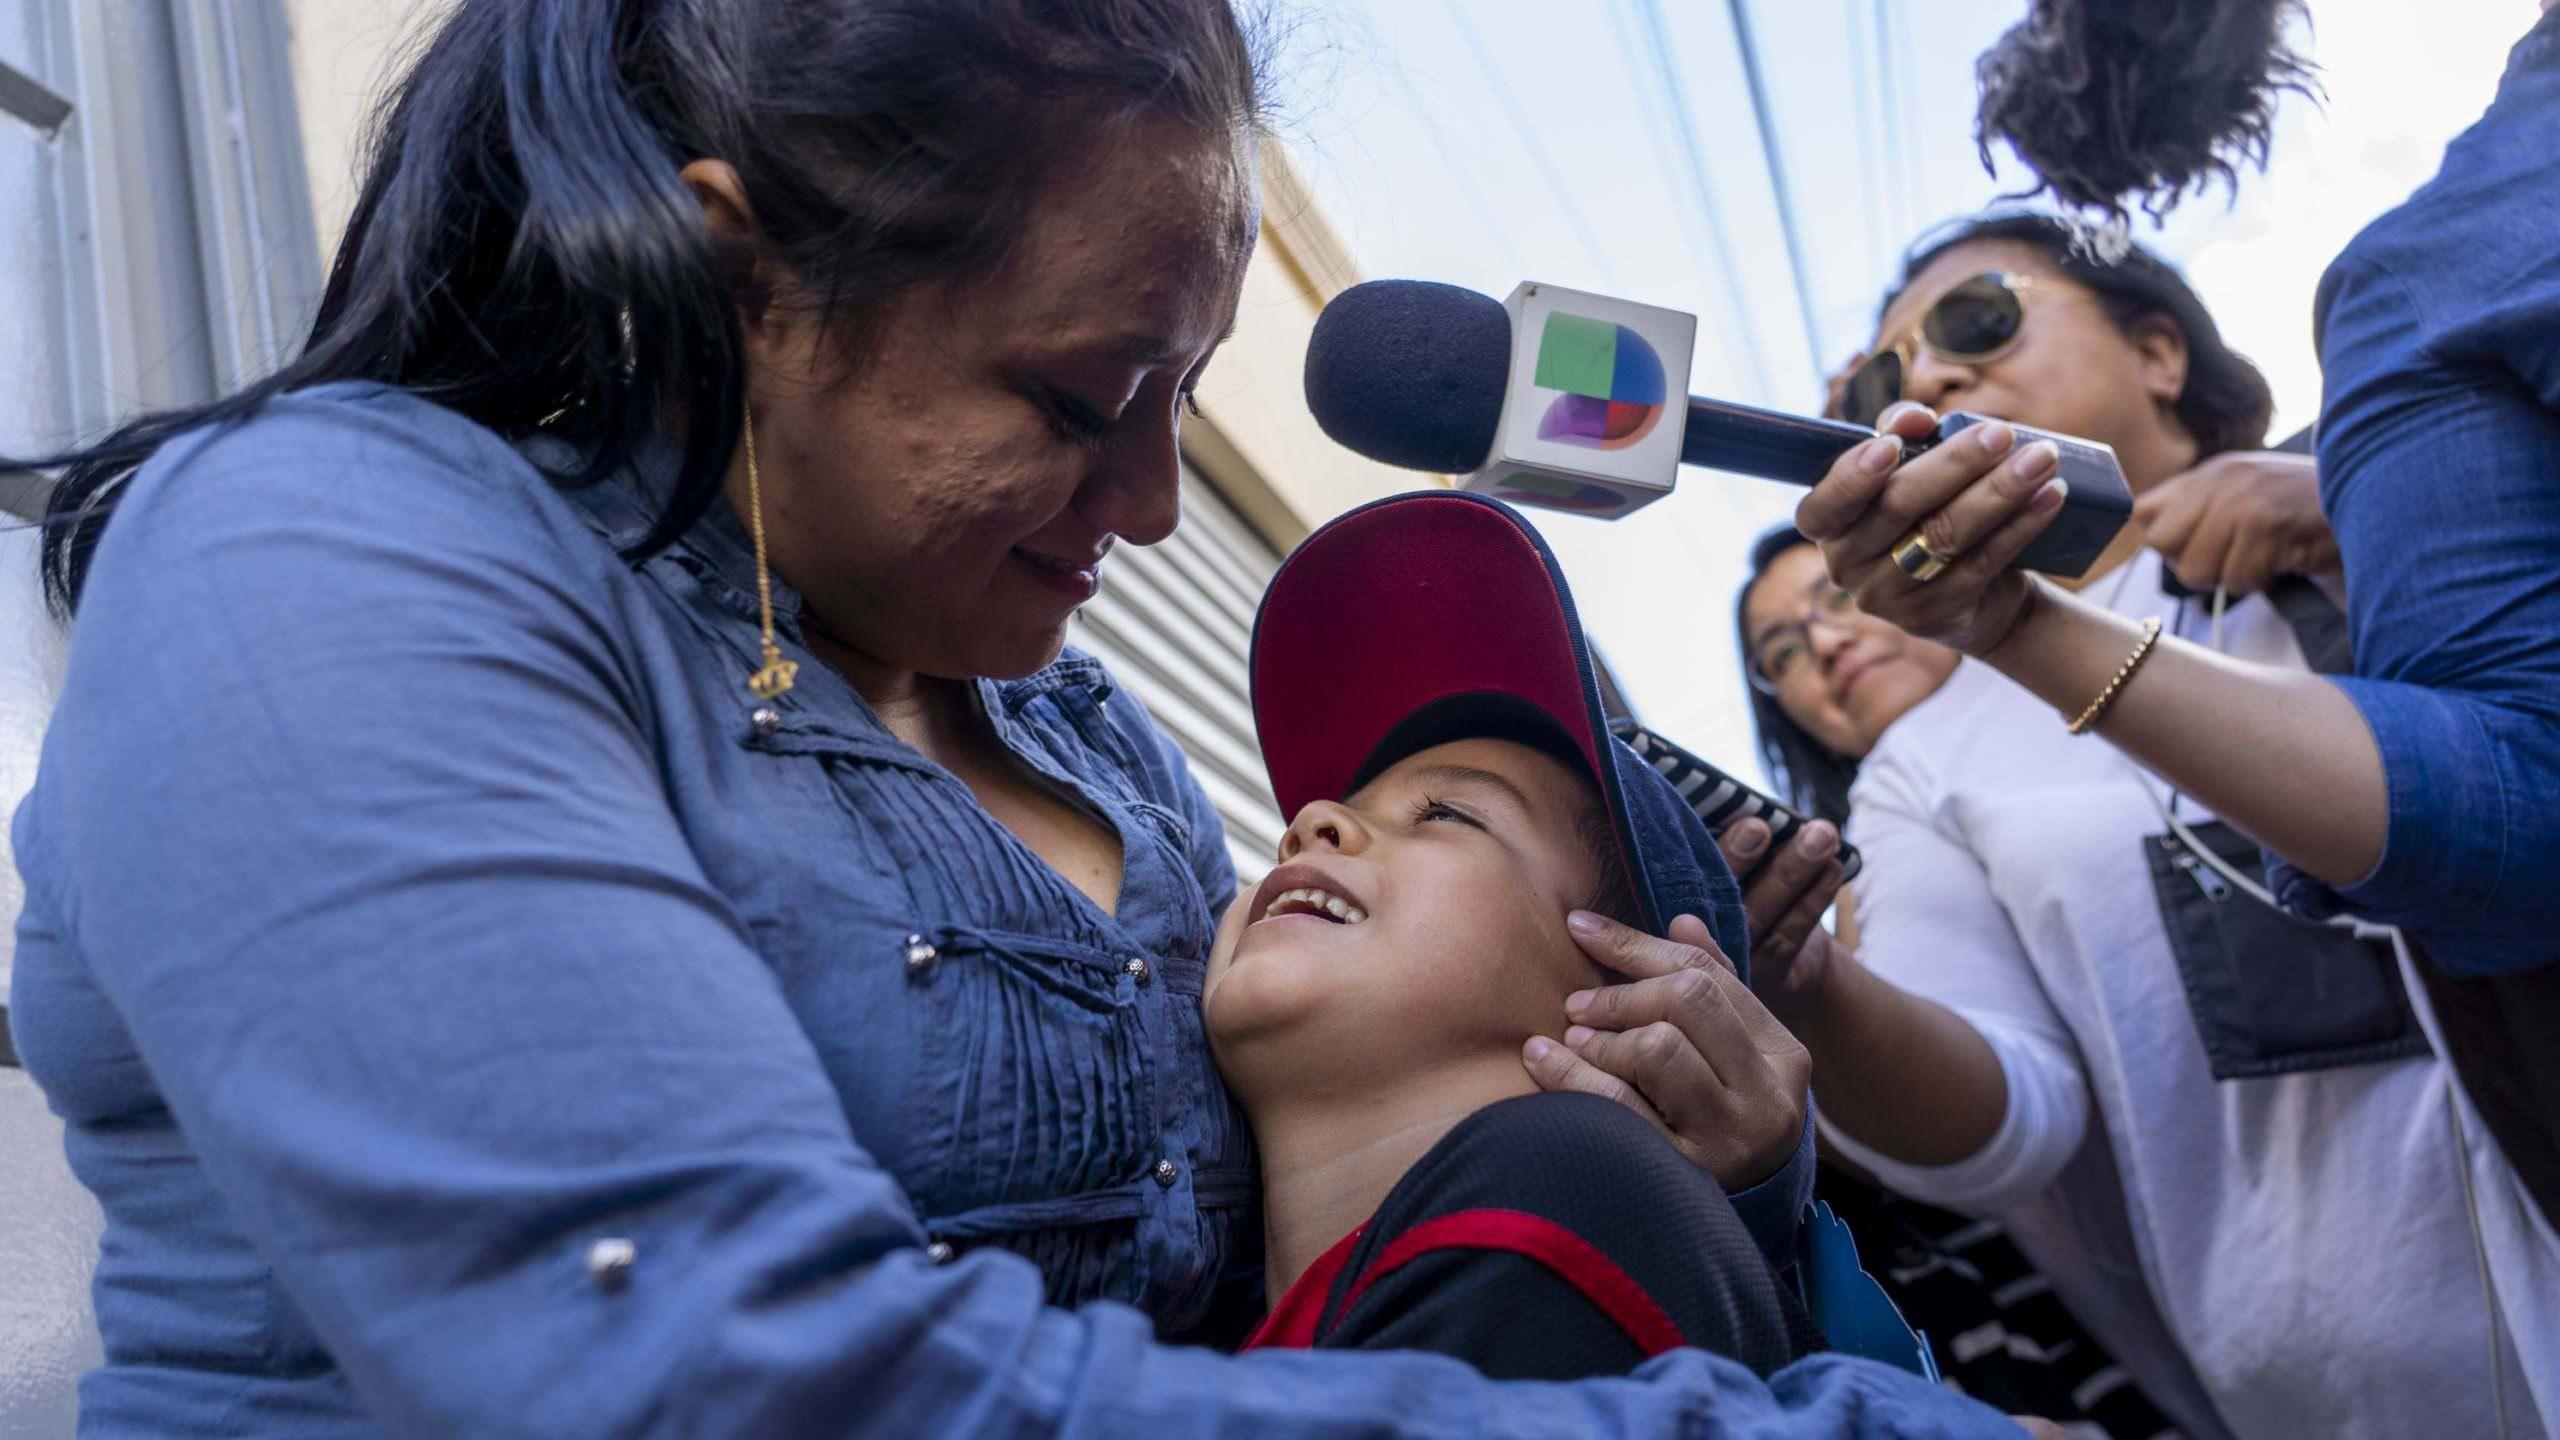 'Aterrorizado pela culpa e pela dor.'  Processos judiciais detalham traumas de separações familiares na fronteira EUA-México